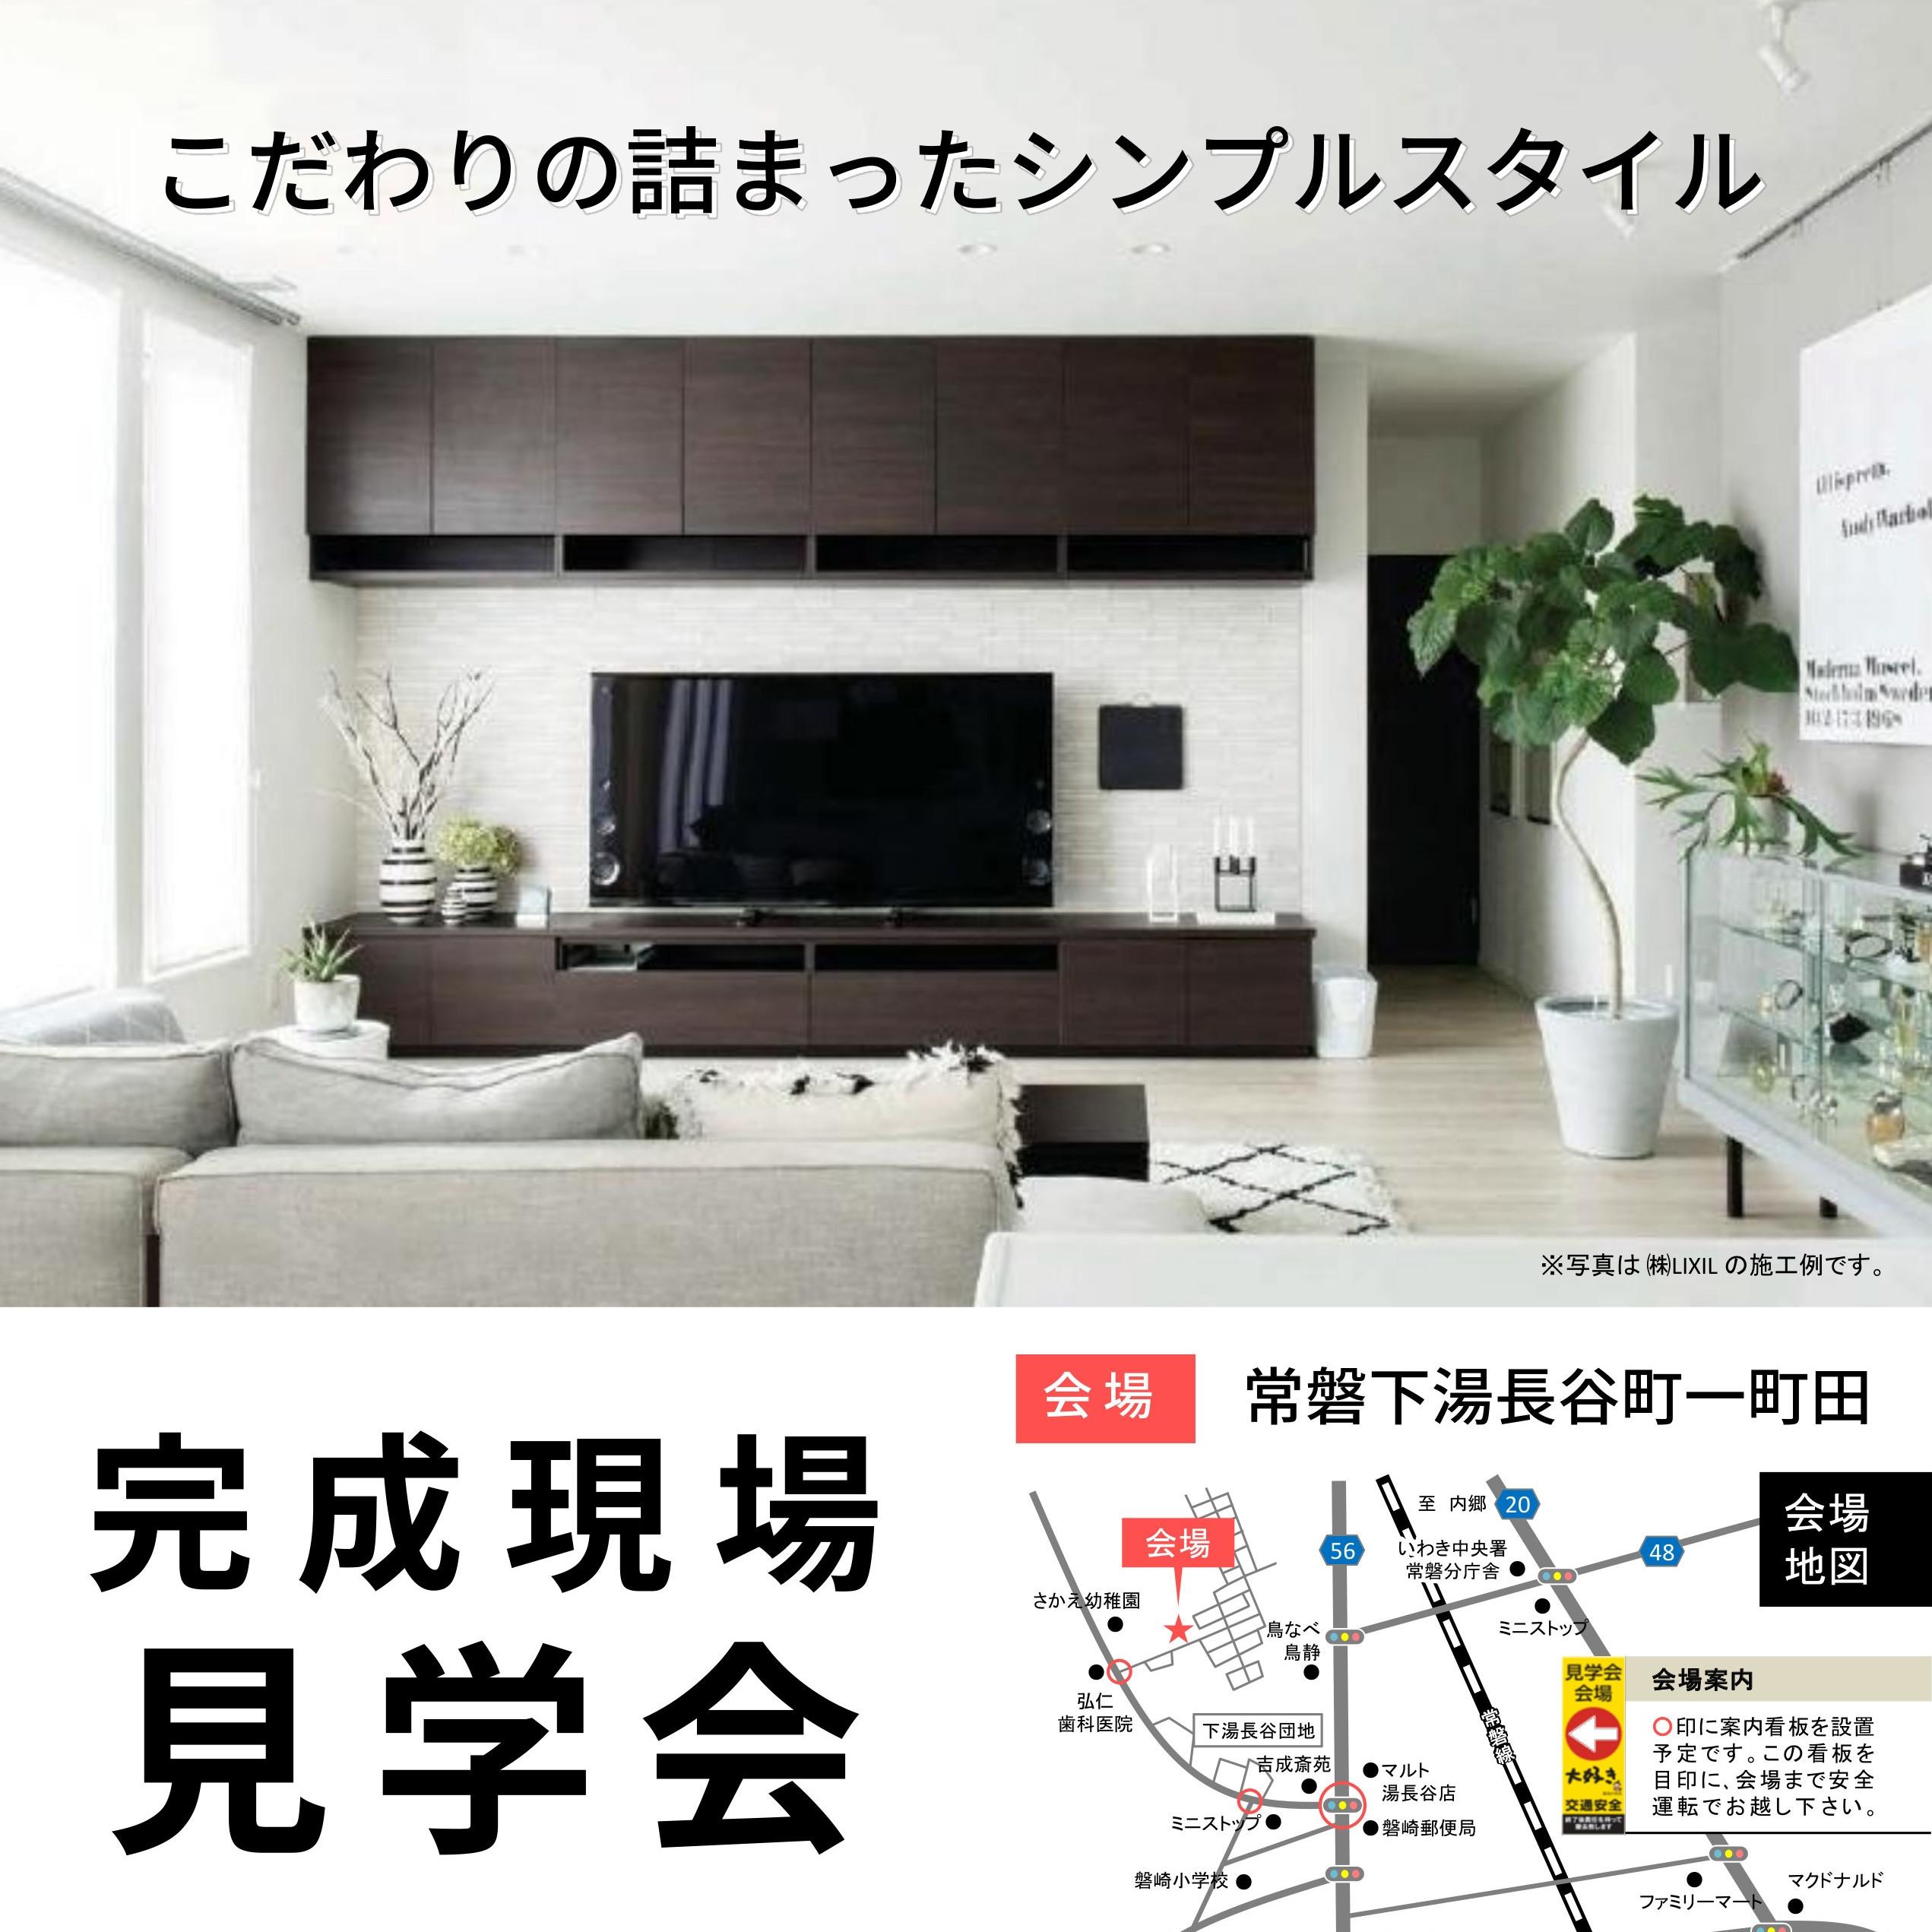 【9月22日(土)・23日(日) 常磐下湯長谷町/完成見学会開催!】